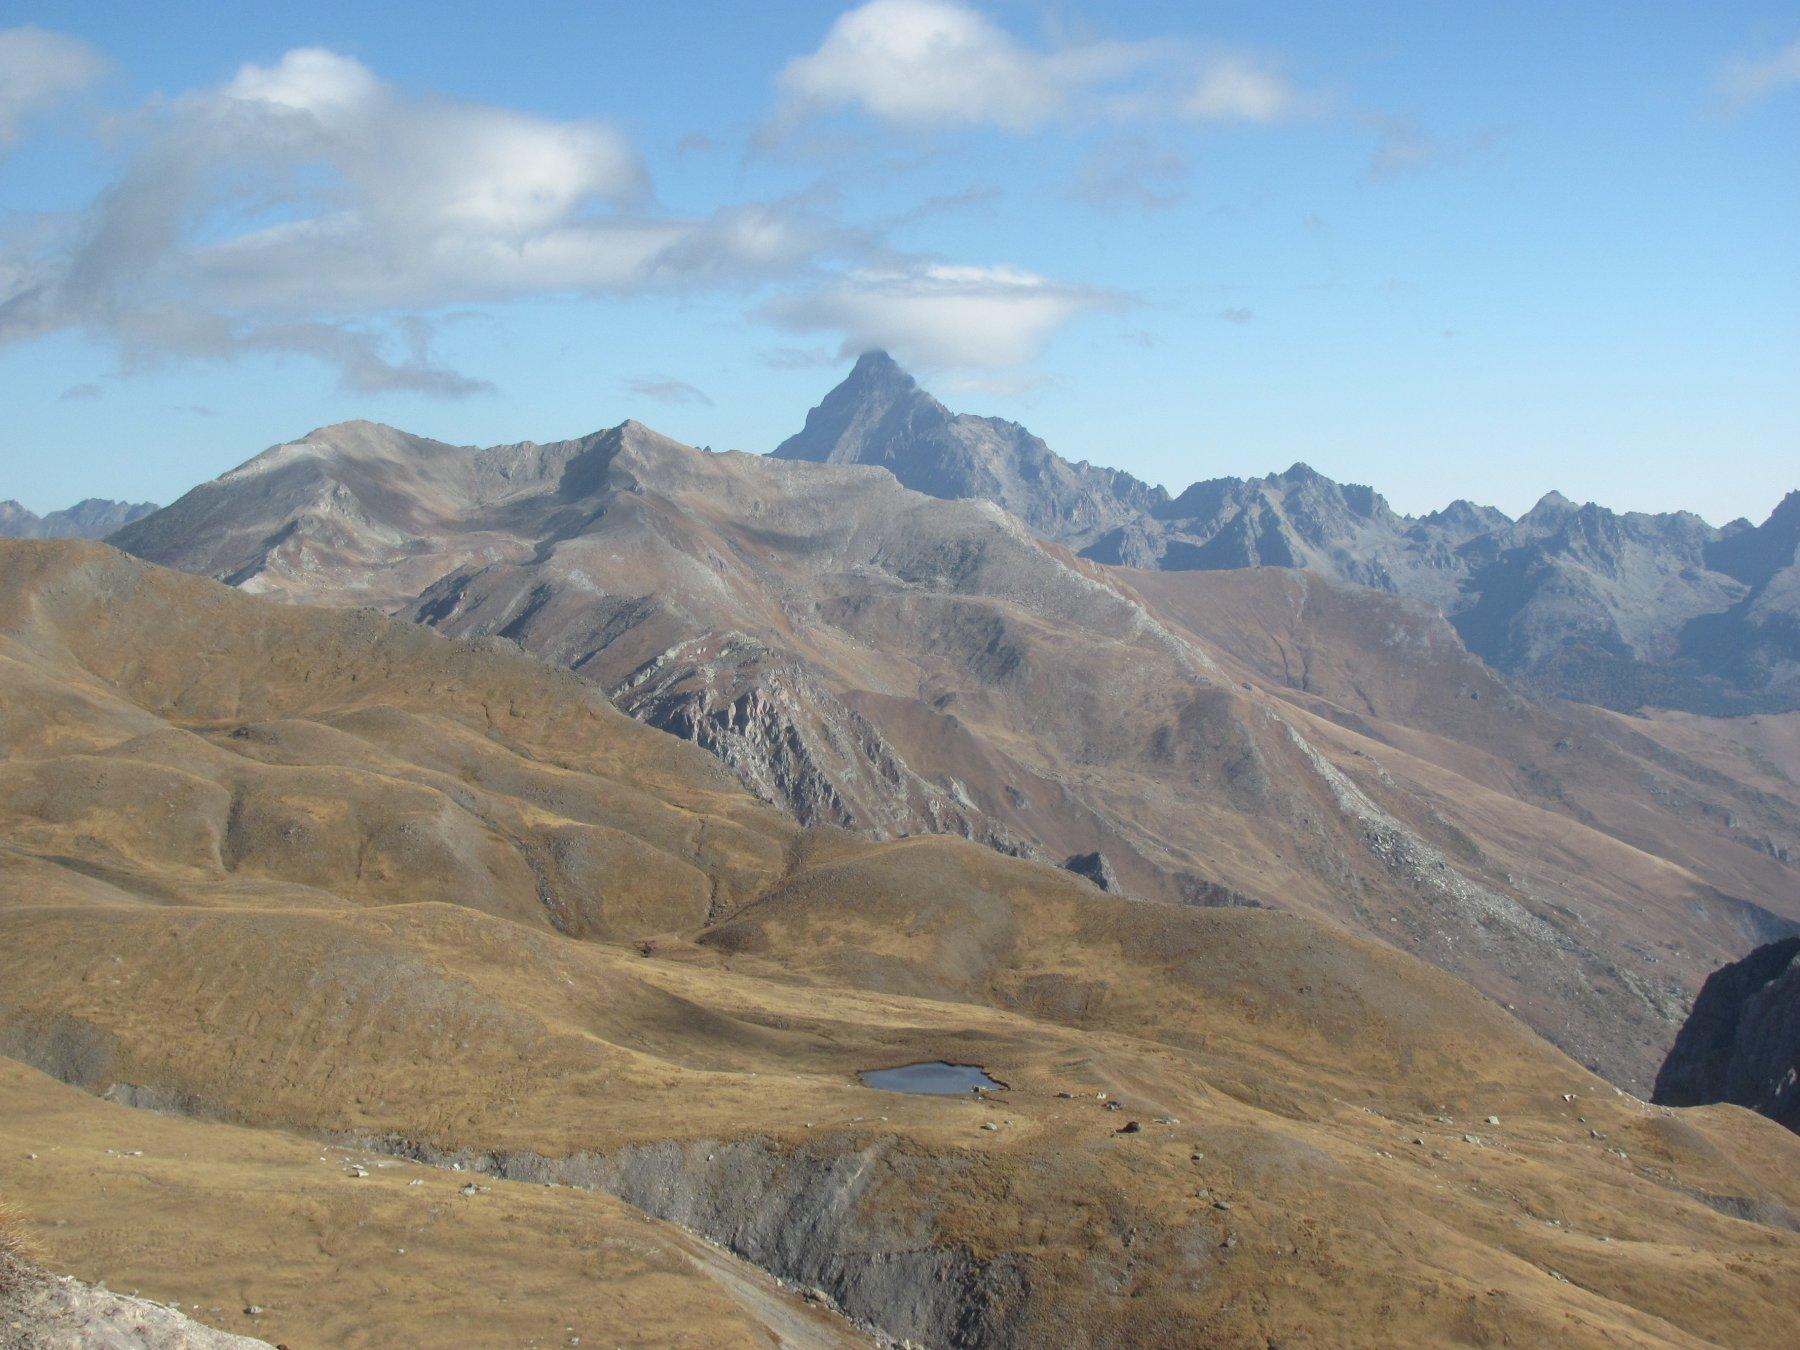 salendo, vista verso il Monviso con il laghetto dell'Autaret in basso